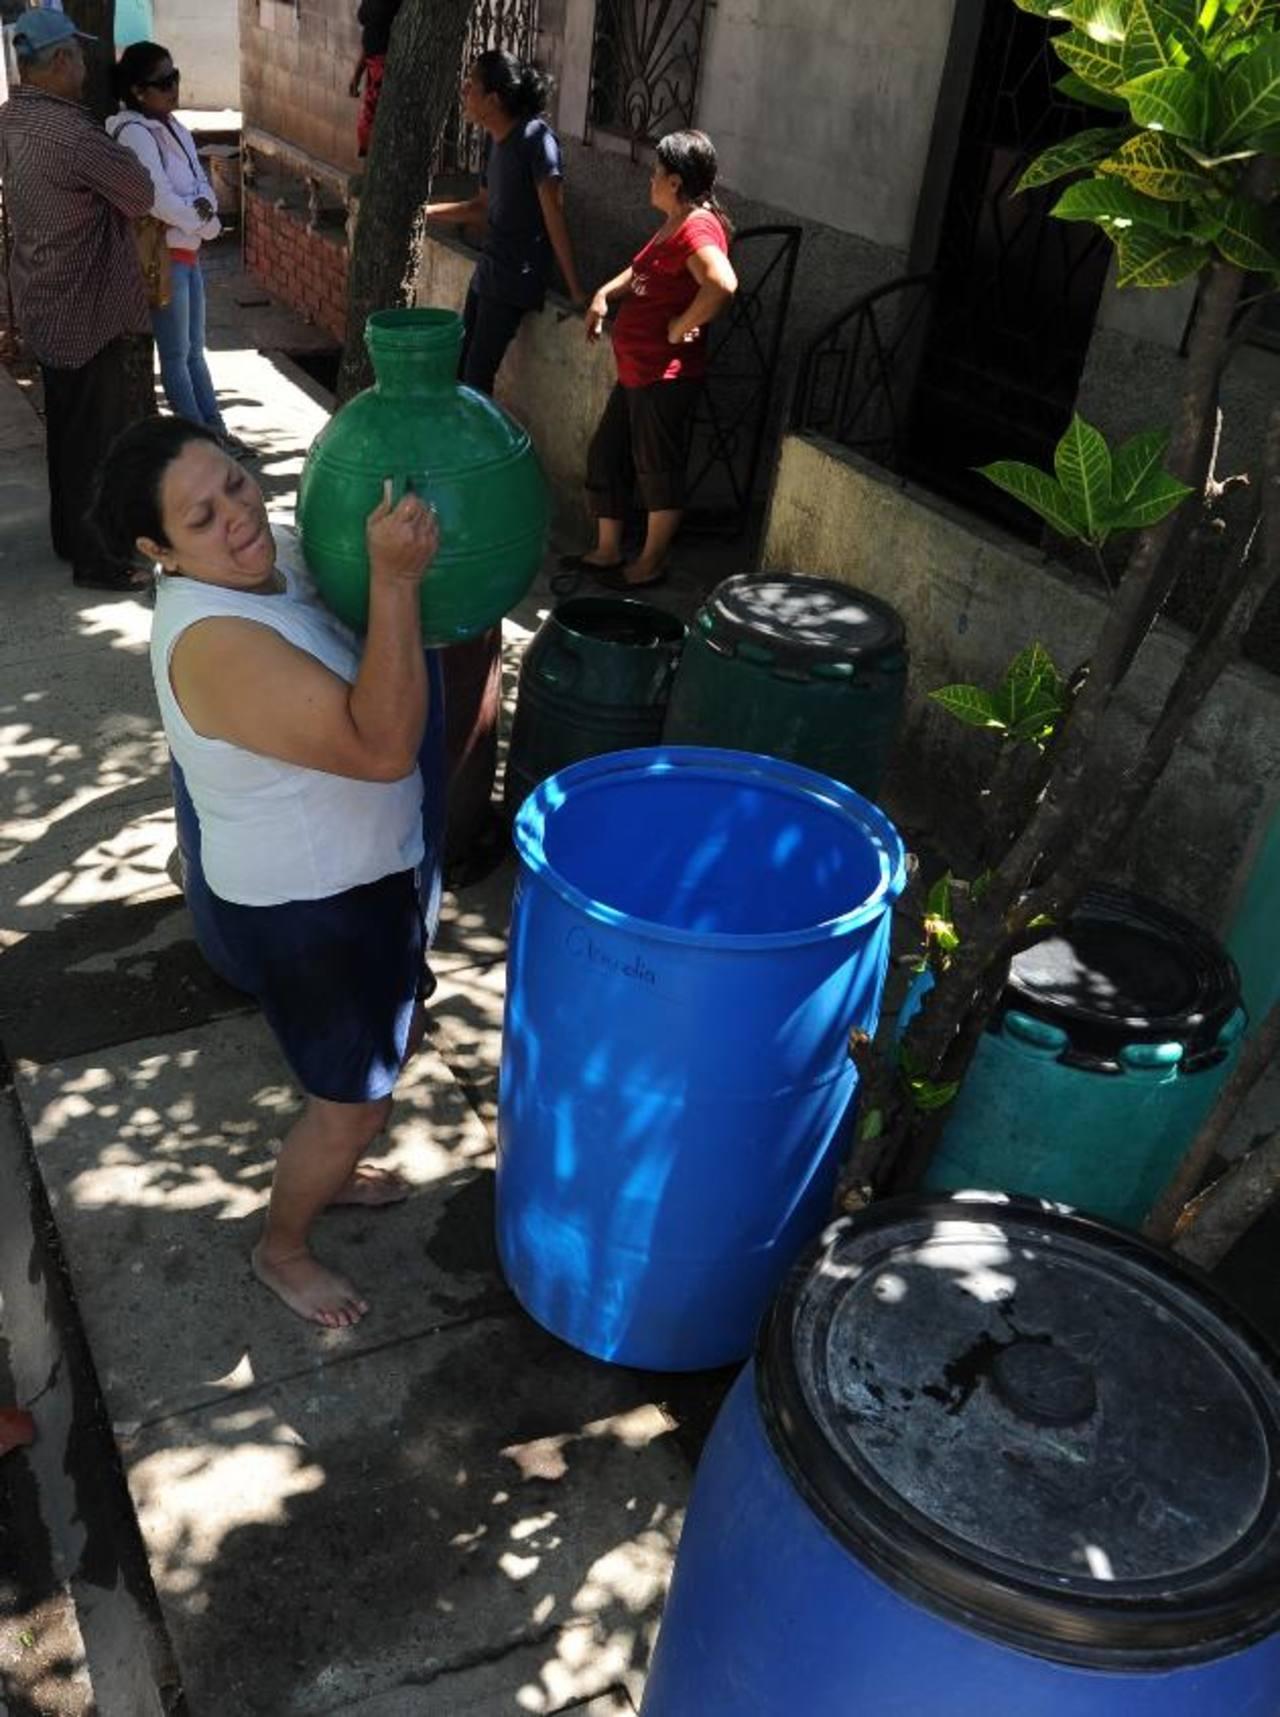 La comunidad se ha visto en la necesidad de comprar el agua y de usarla para los alimentos y otras necesidades. edh / archivo